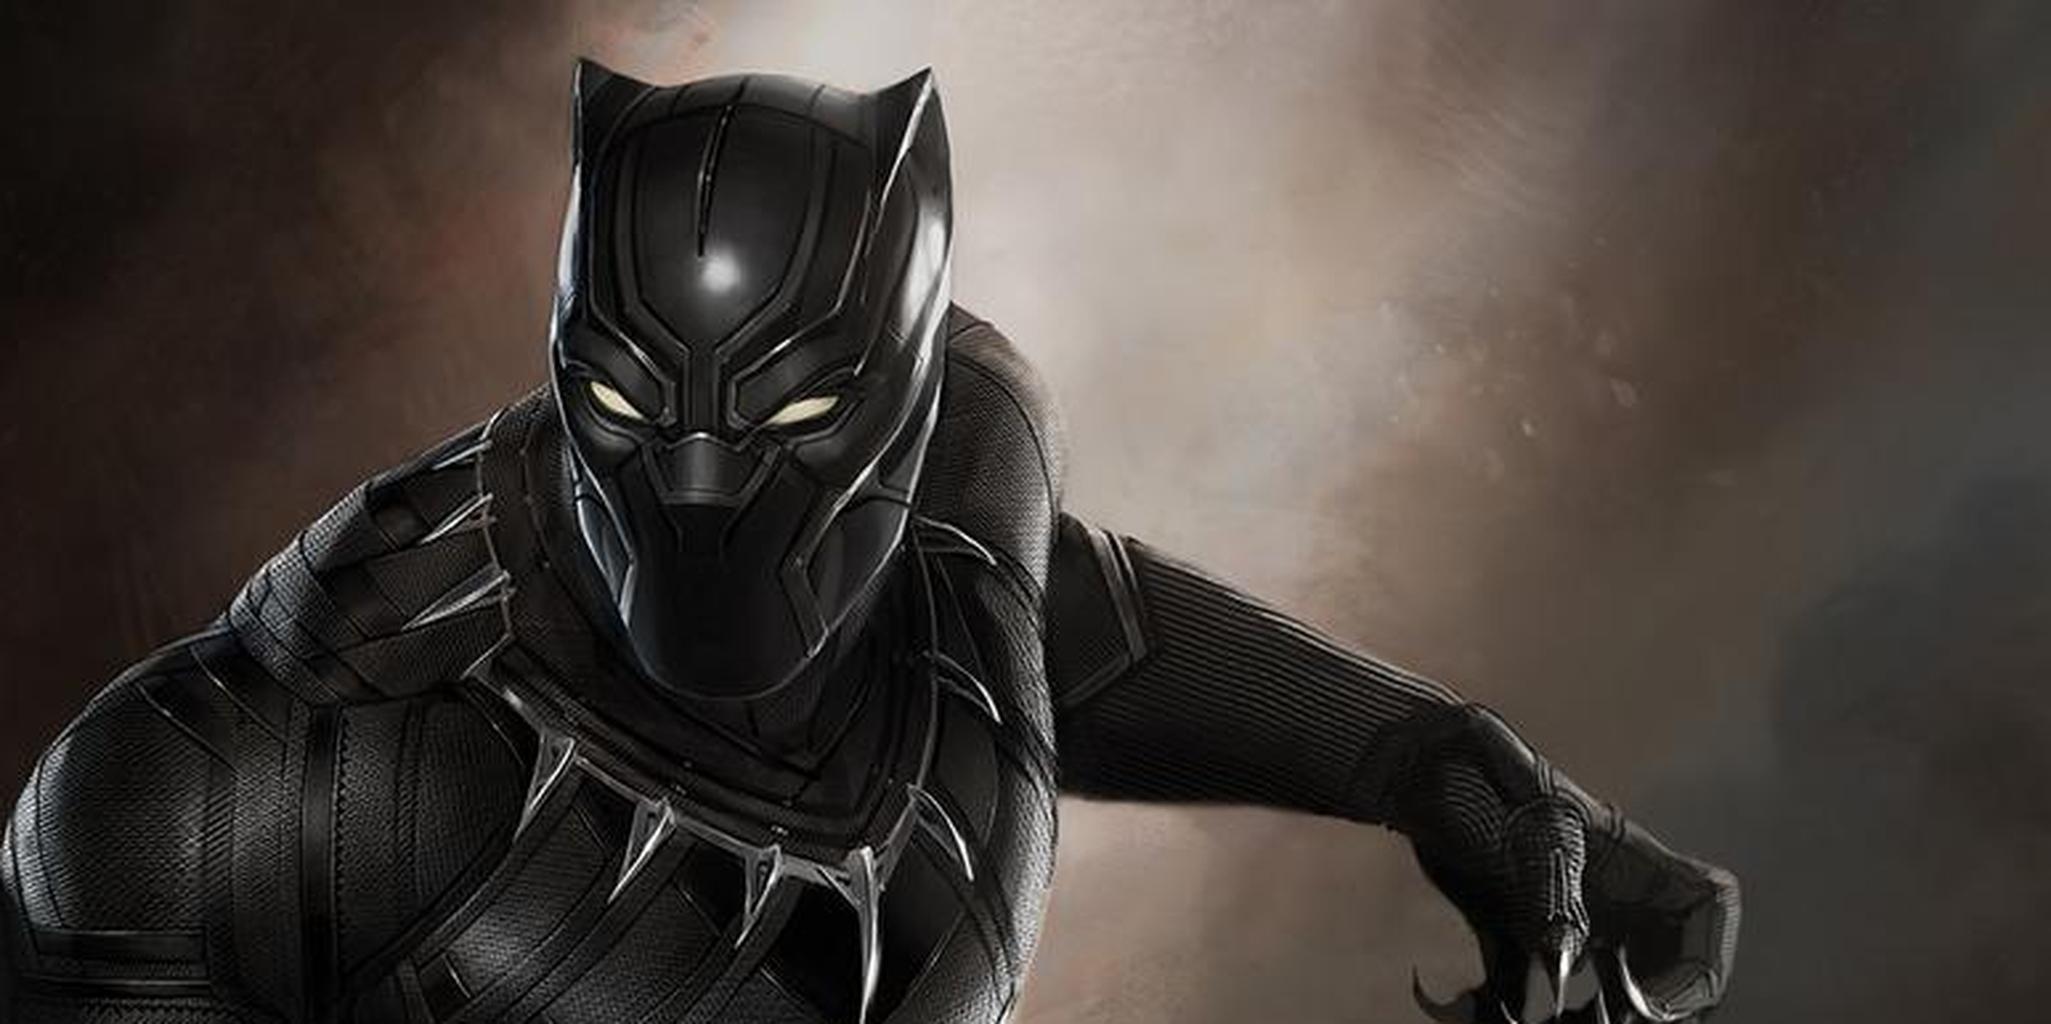 Black Panther i skarpt läge